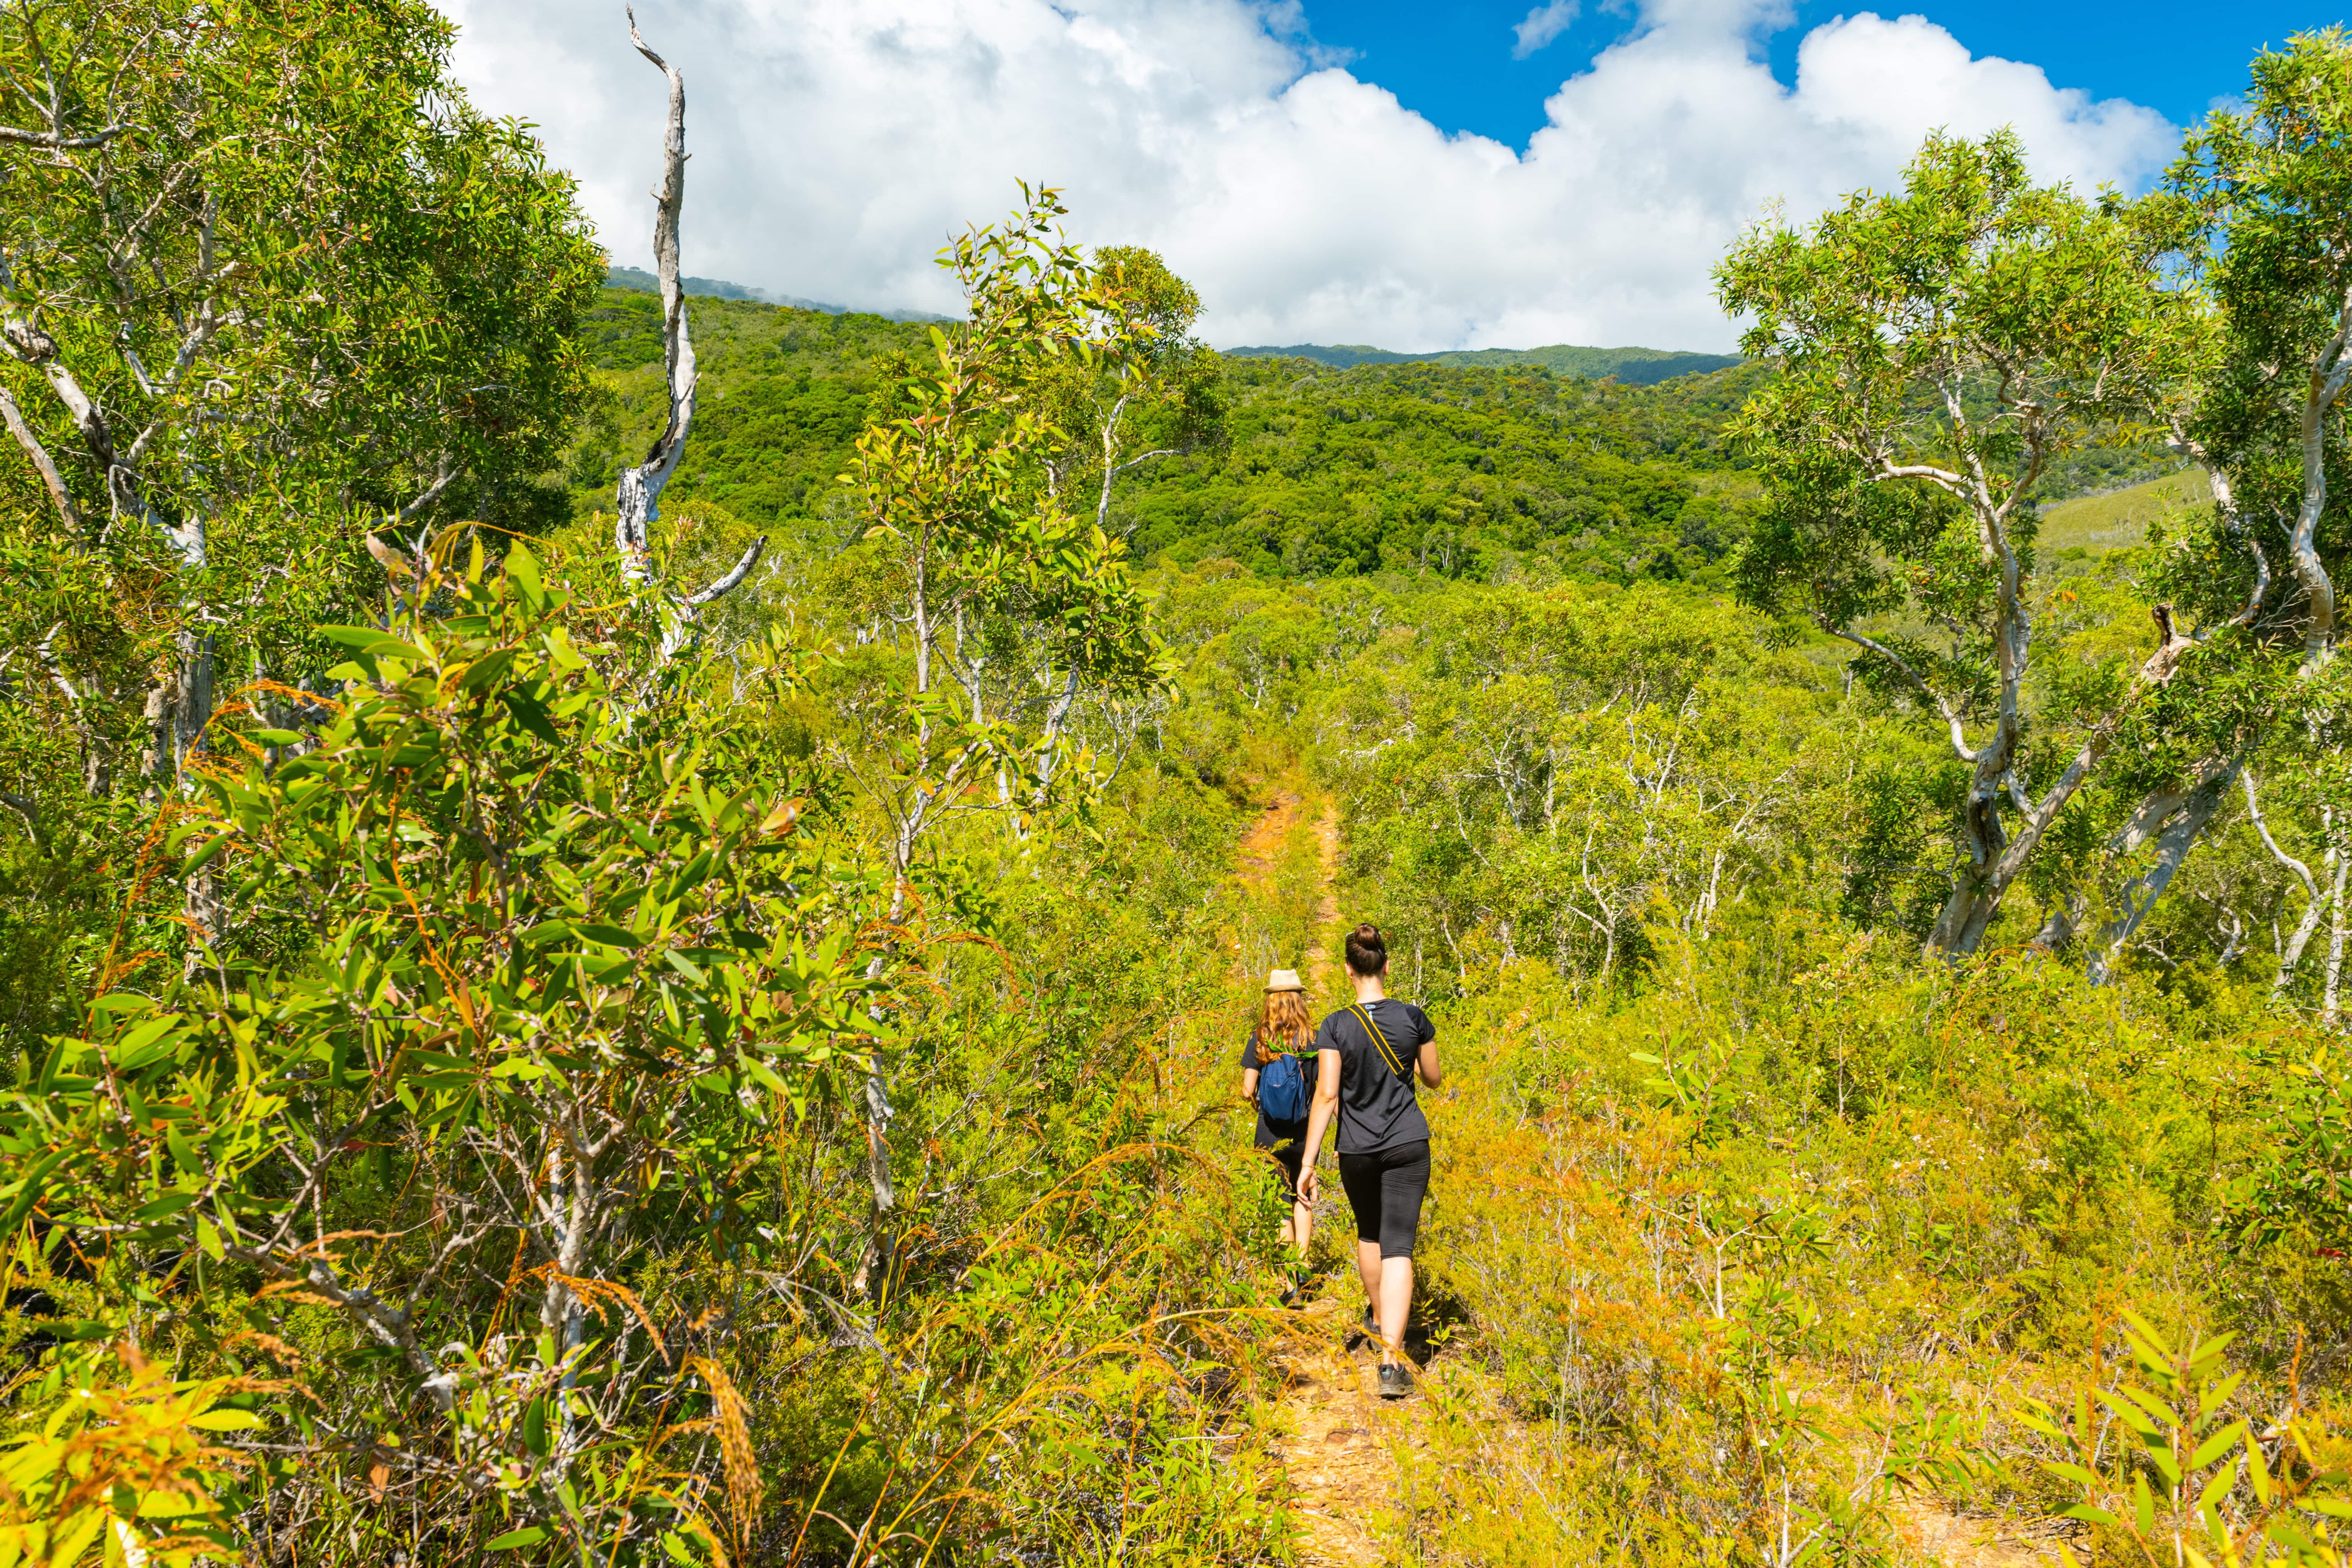 Sentier pédestre guidé sur la montagne de Colnett